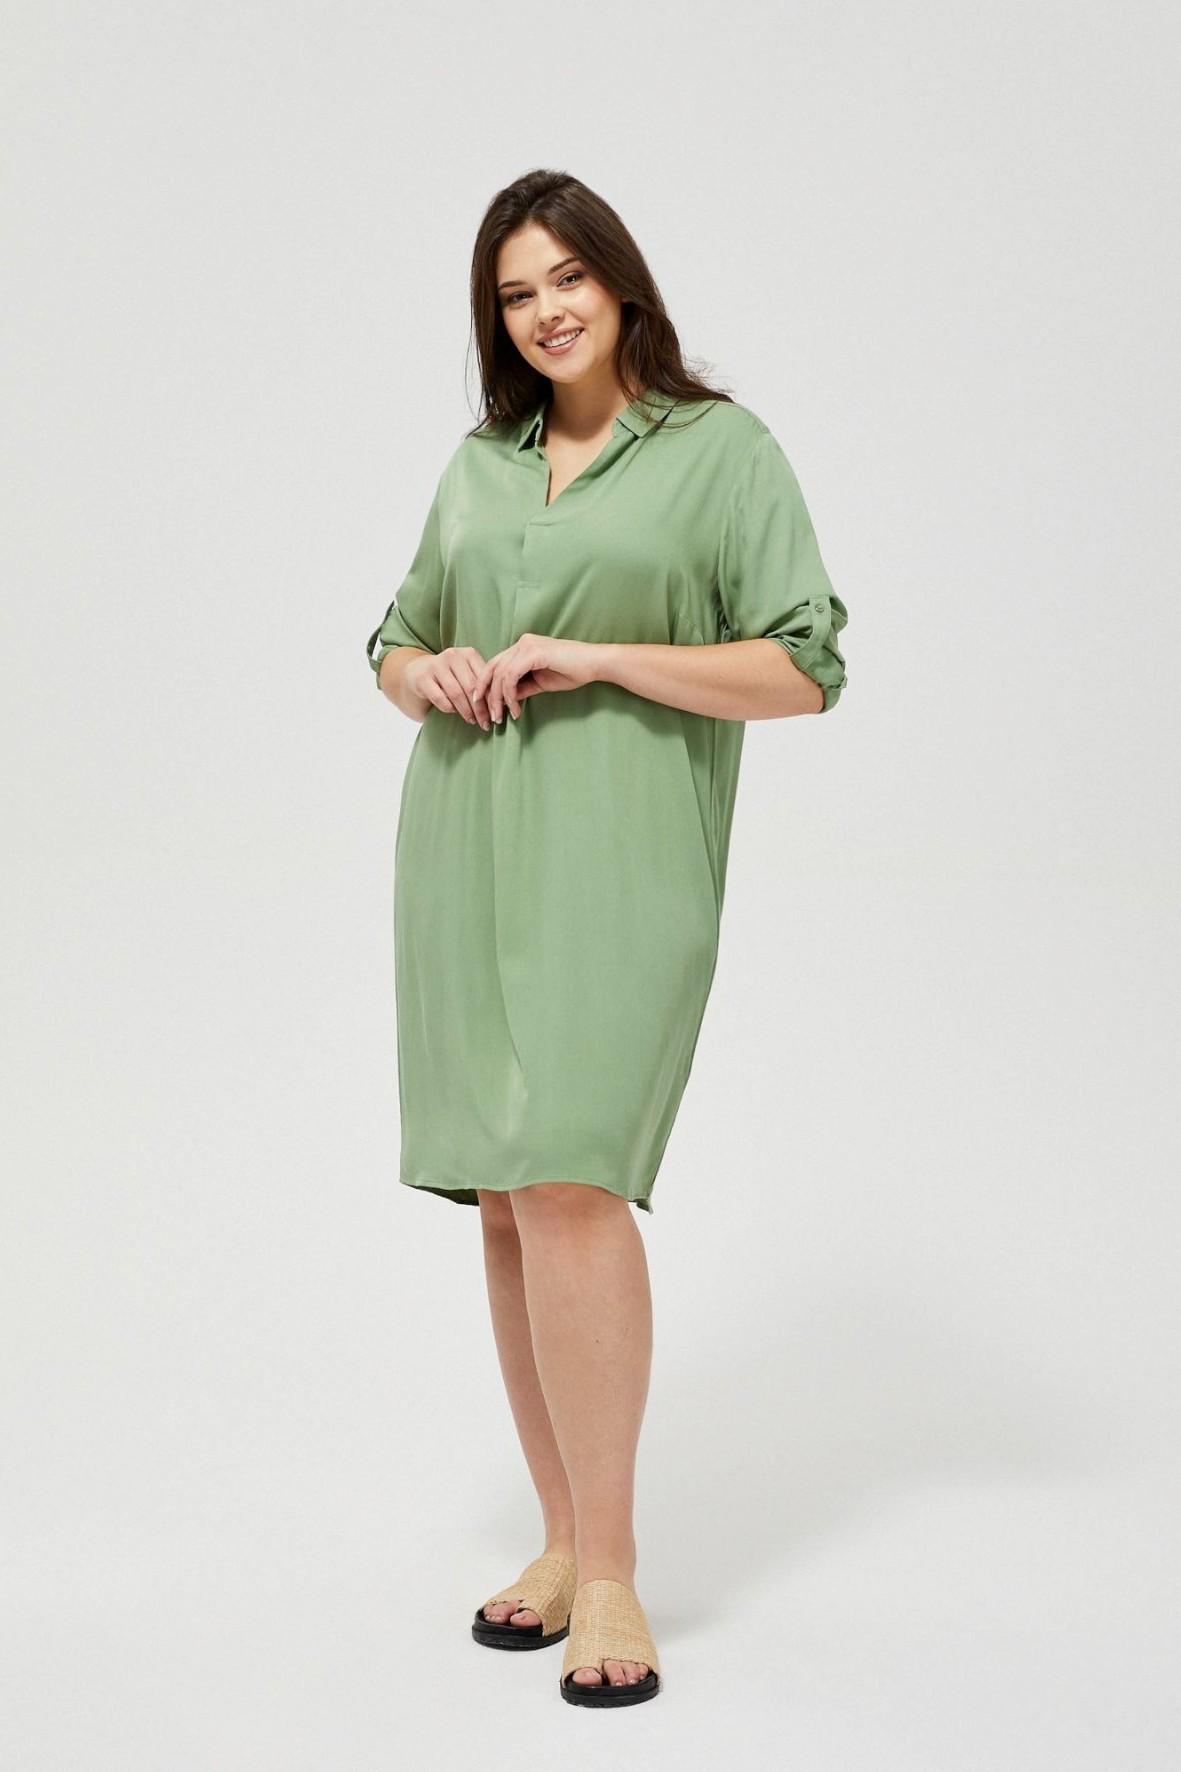 Koszulowa sukienka damska w oliwkowym kolorze